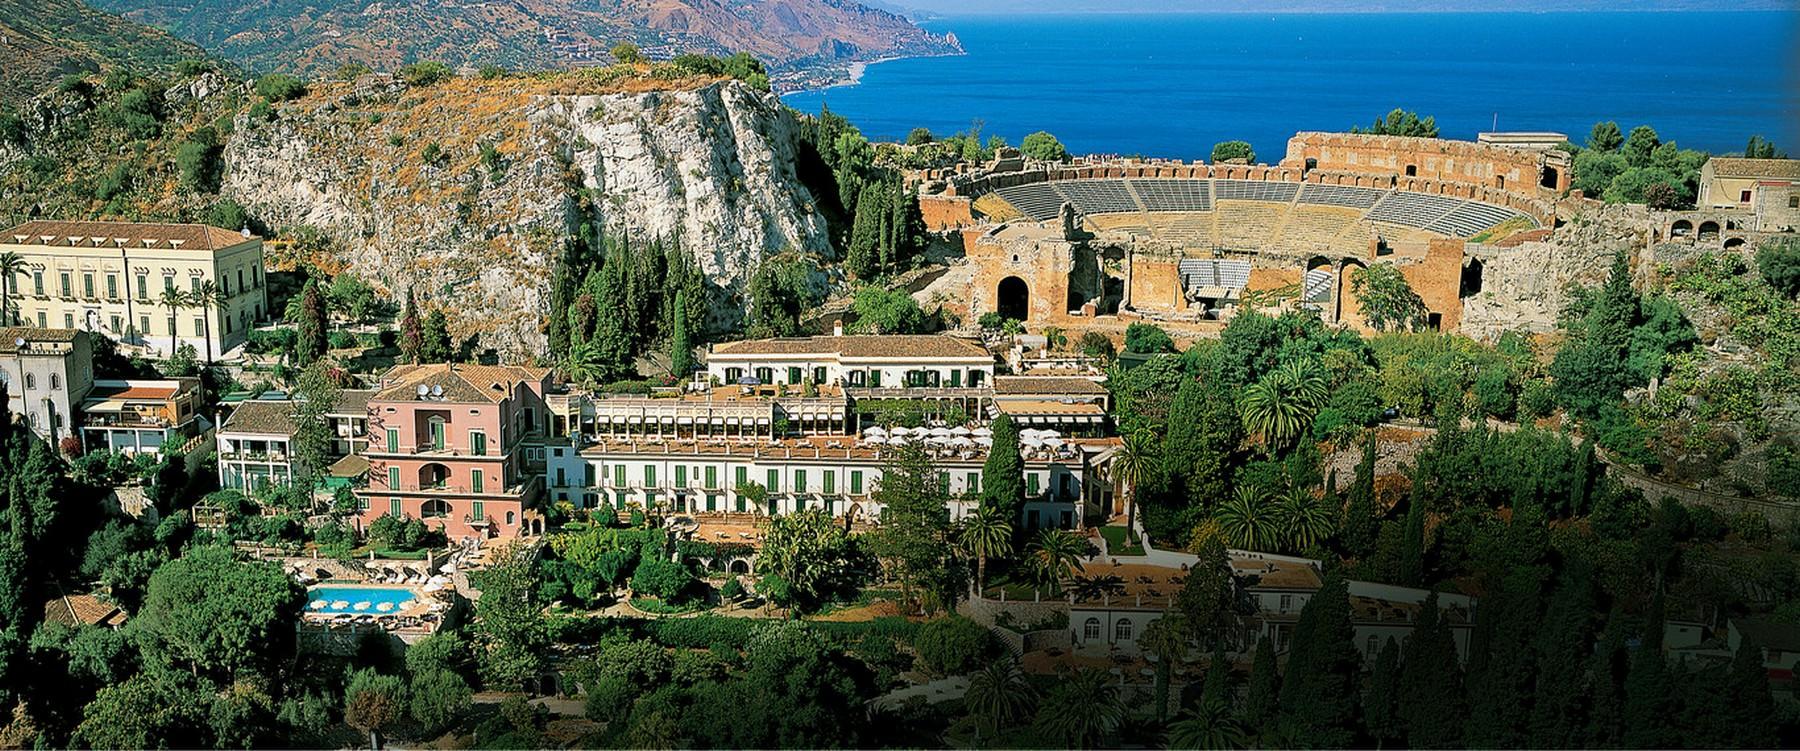 Luxury hotel in taormina taormina sicily italy for Hotel villa taormina